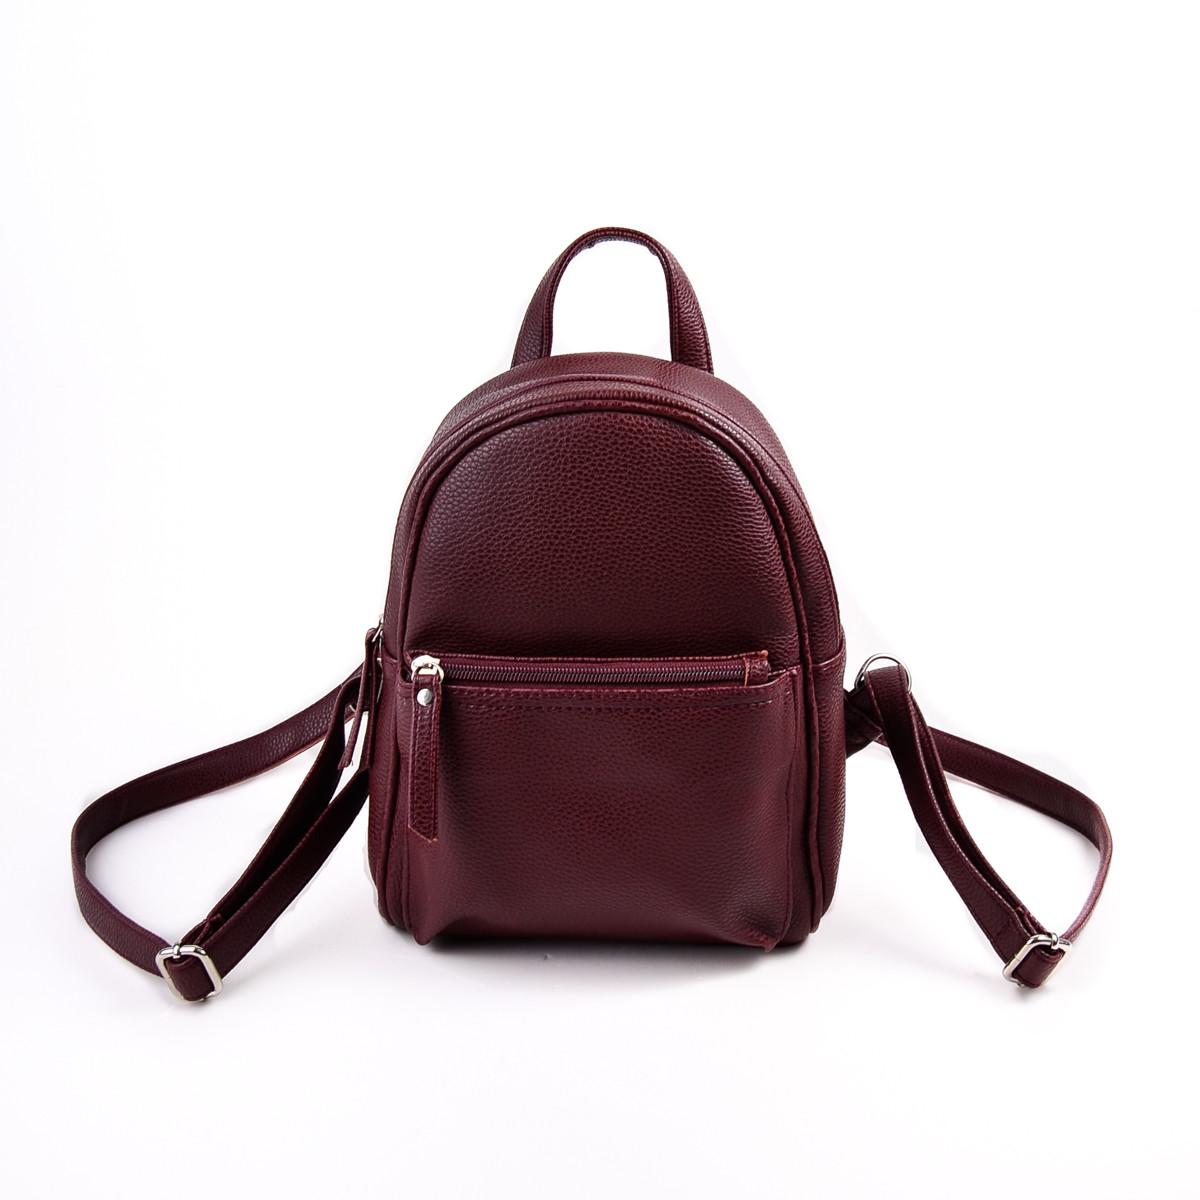 Купить женский бордовый рюкзак М124-38 в интернет-магазине «Камелия» a90bdd05c80